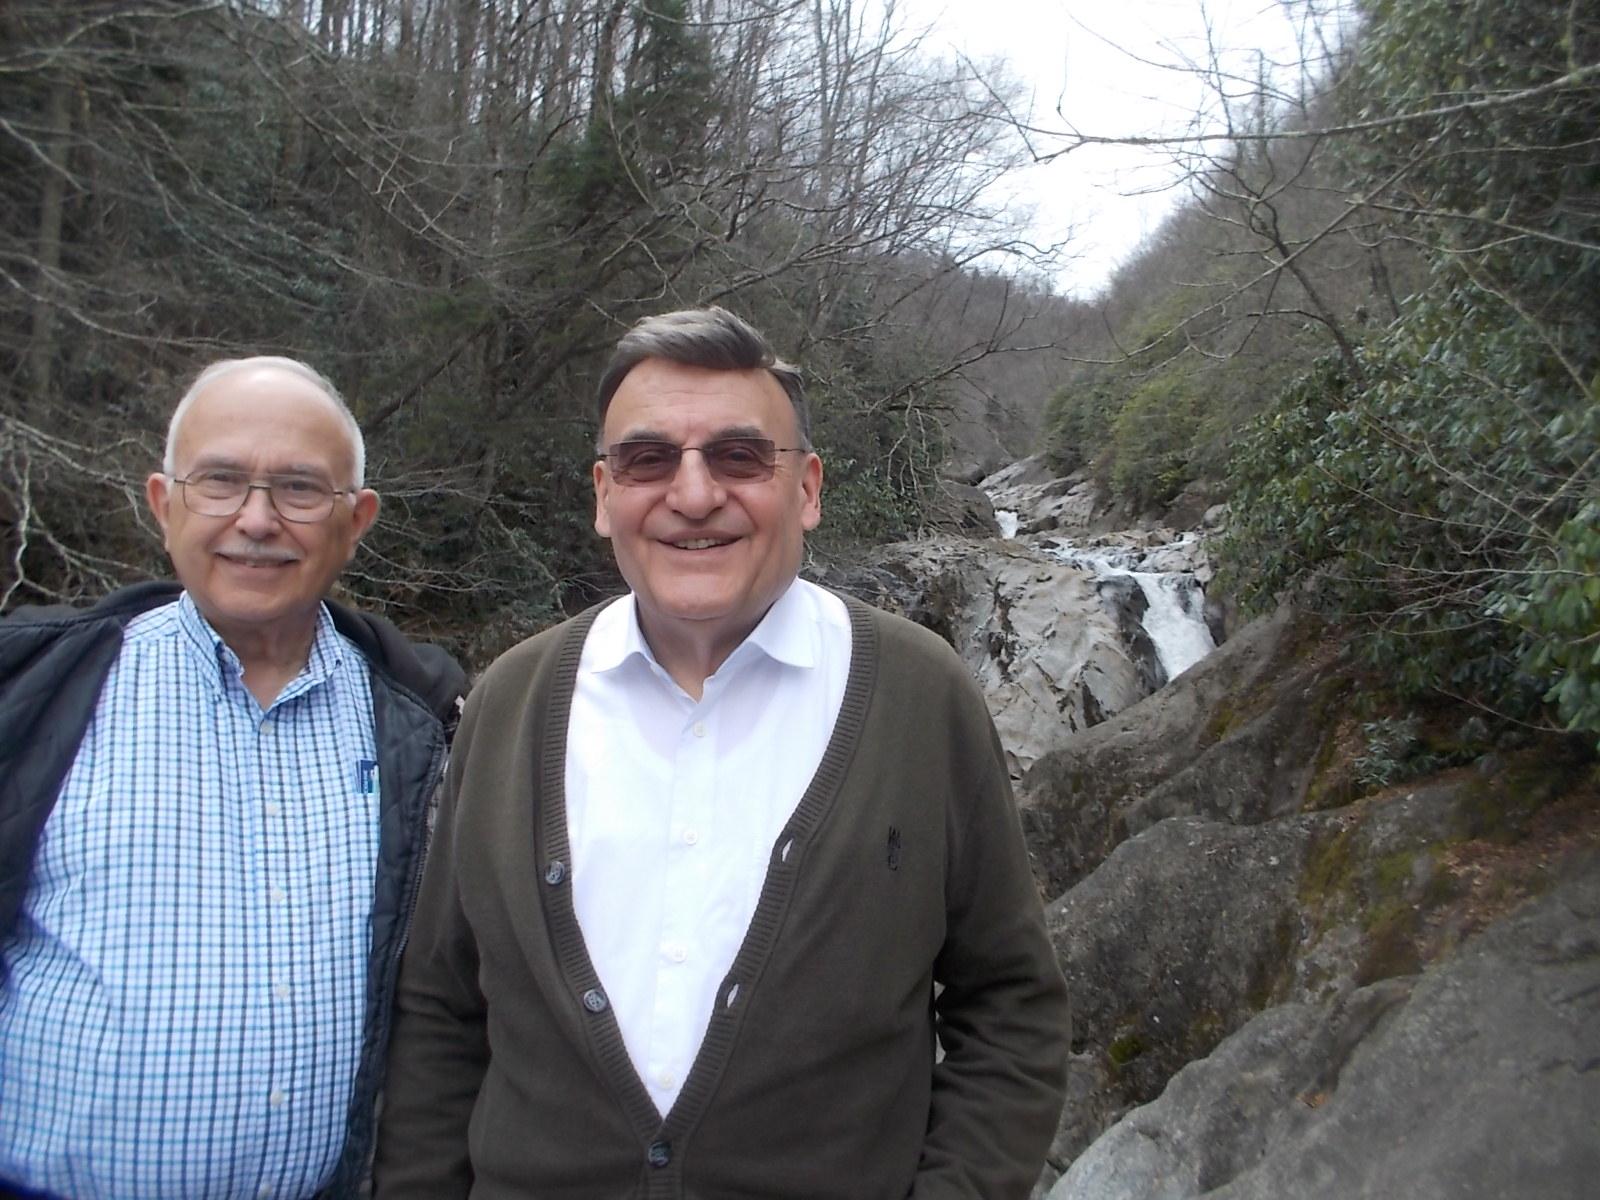 041116 John Gerhard my waterfall.JPG